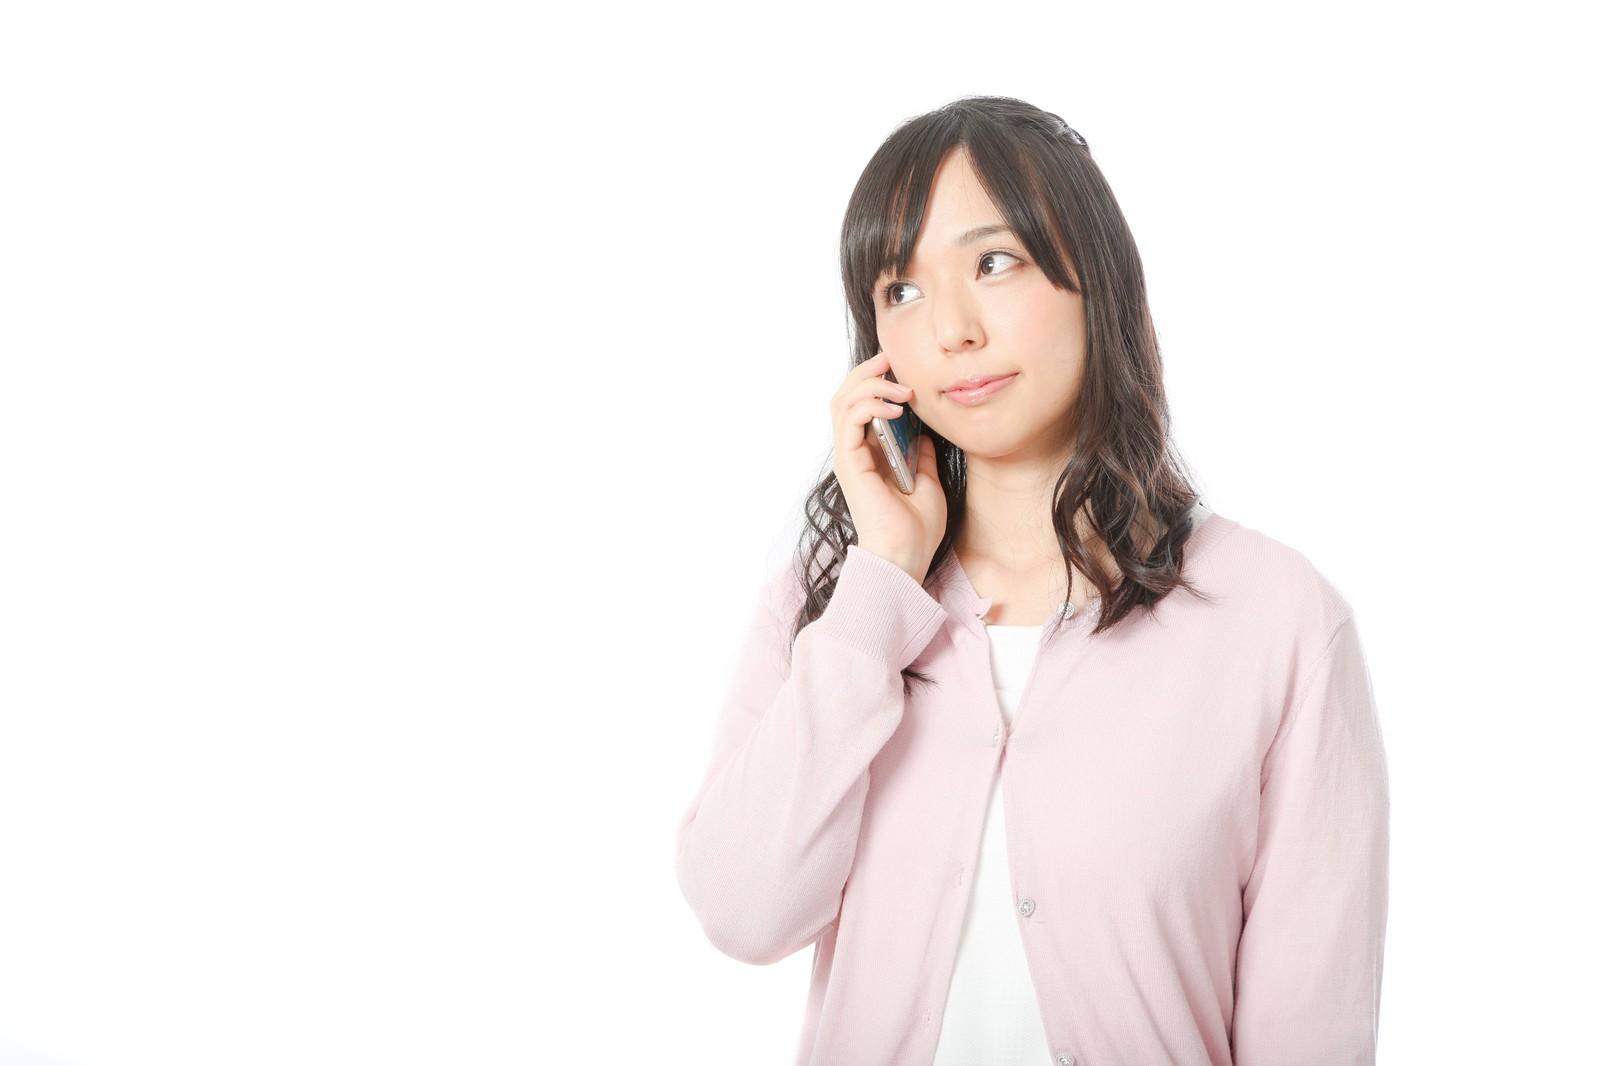 会話が苦手な女性